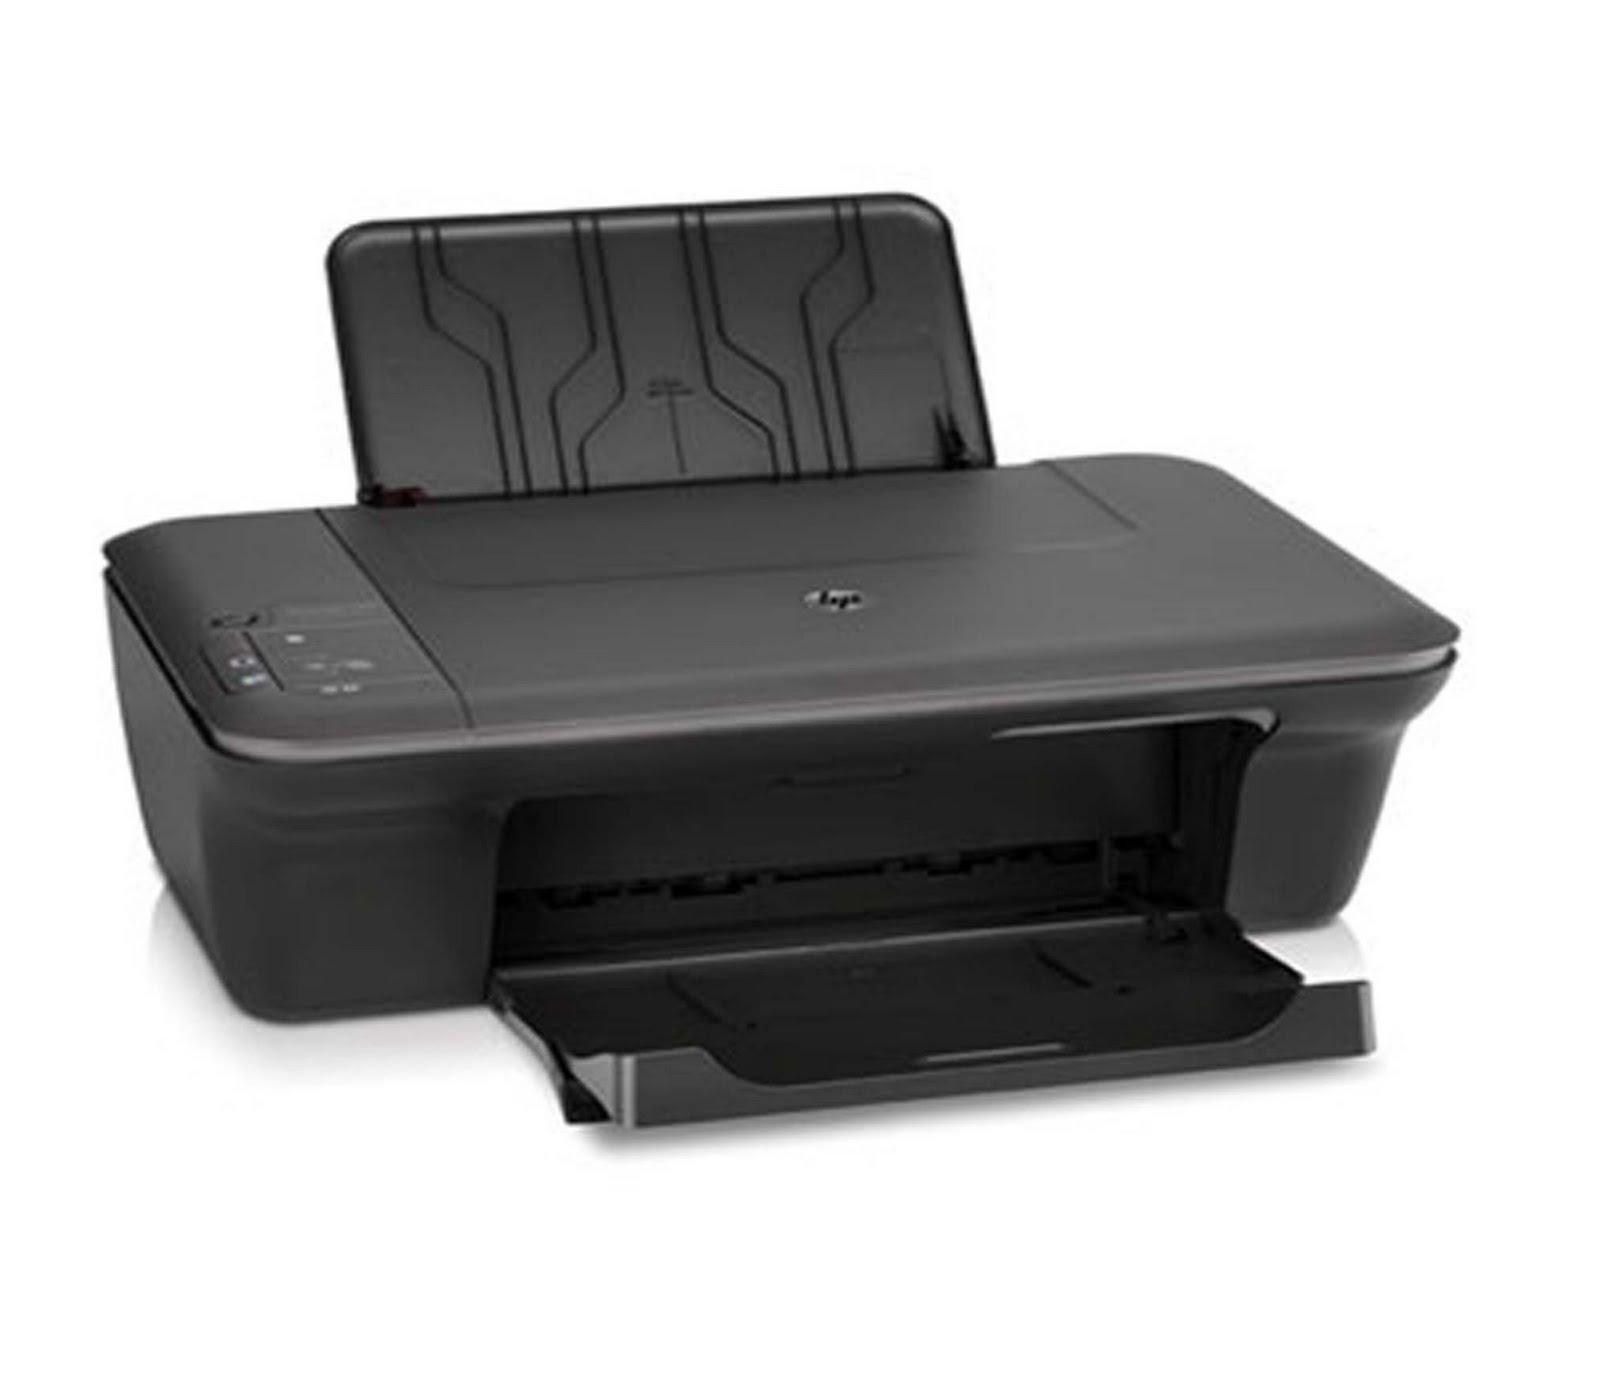 Драйвера на принтер hp deskjet 1050a скачать